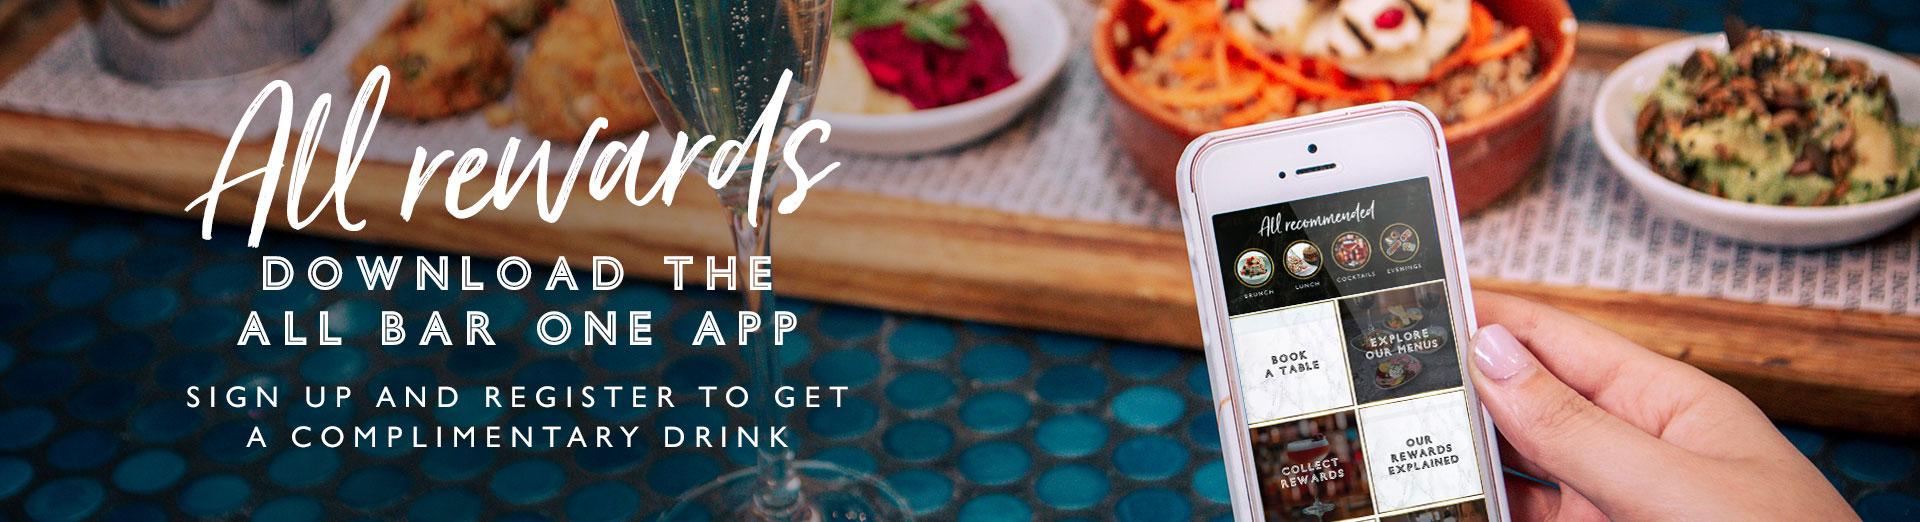 todellinen online dating App